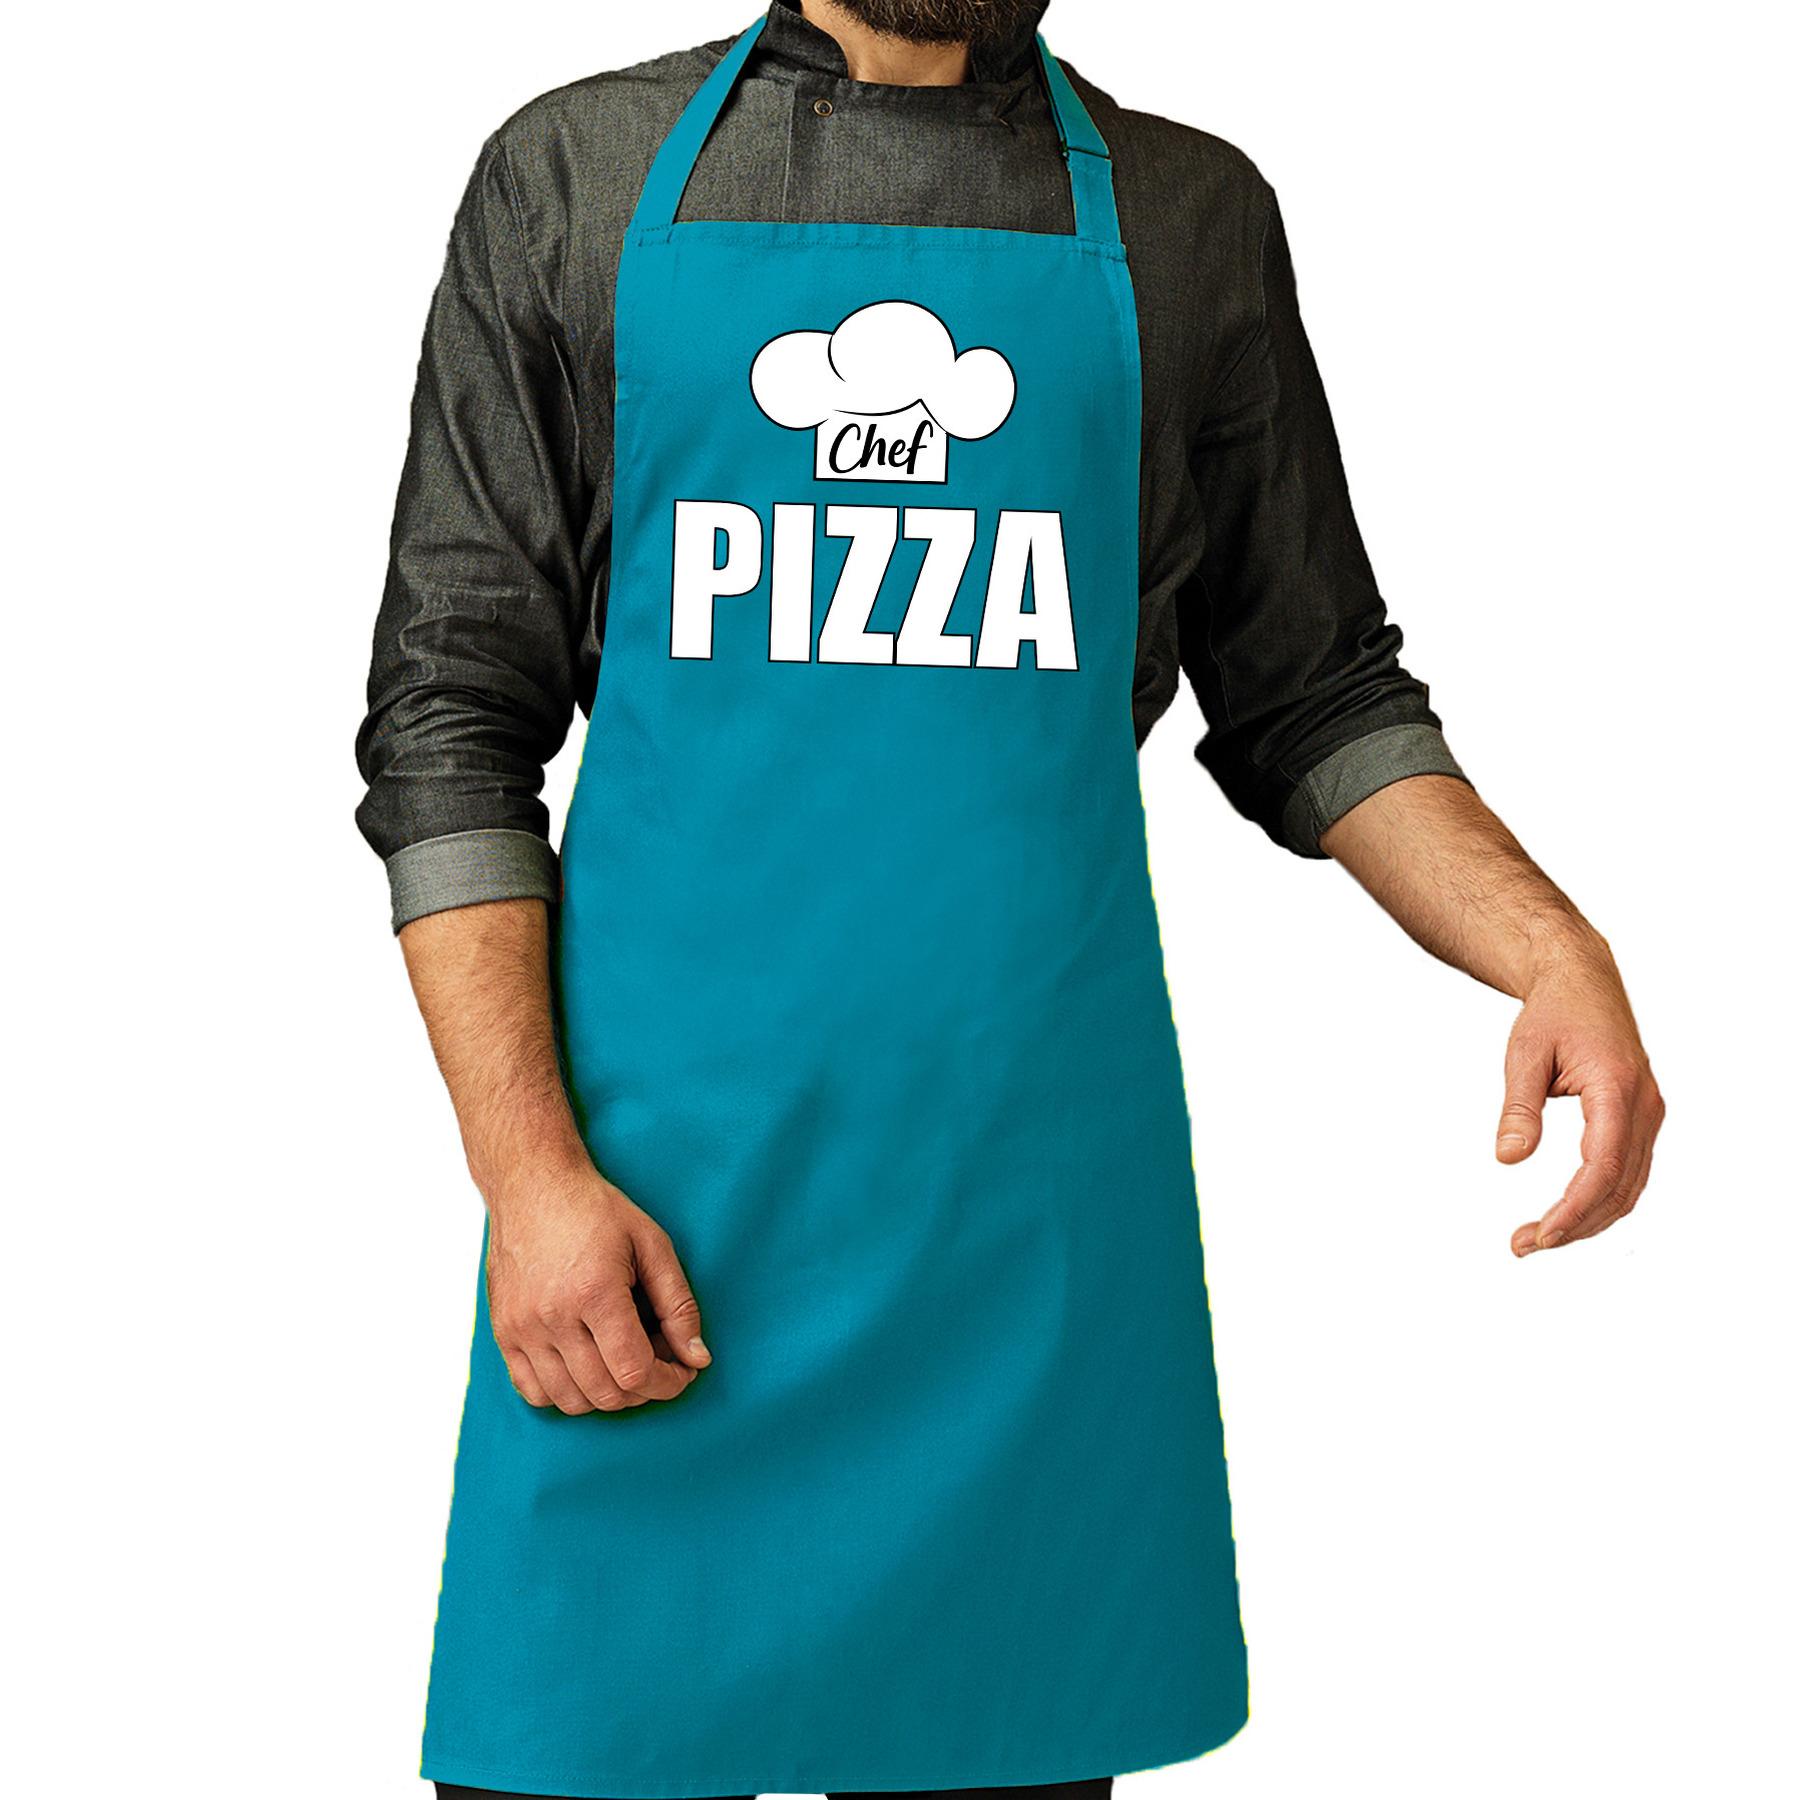 Chef pizza schort - keukenschort turqqoise heren